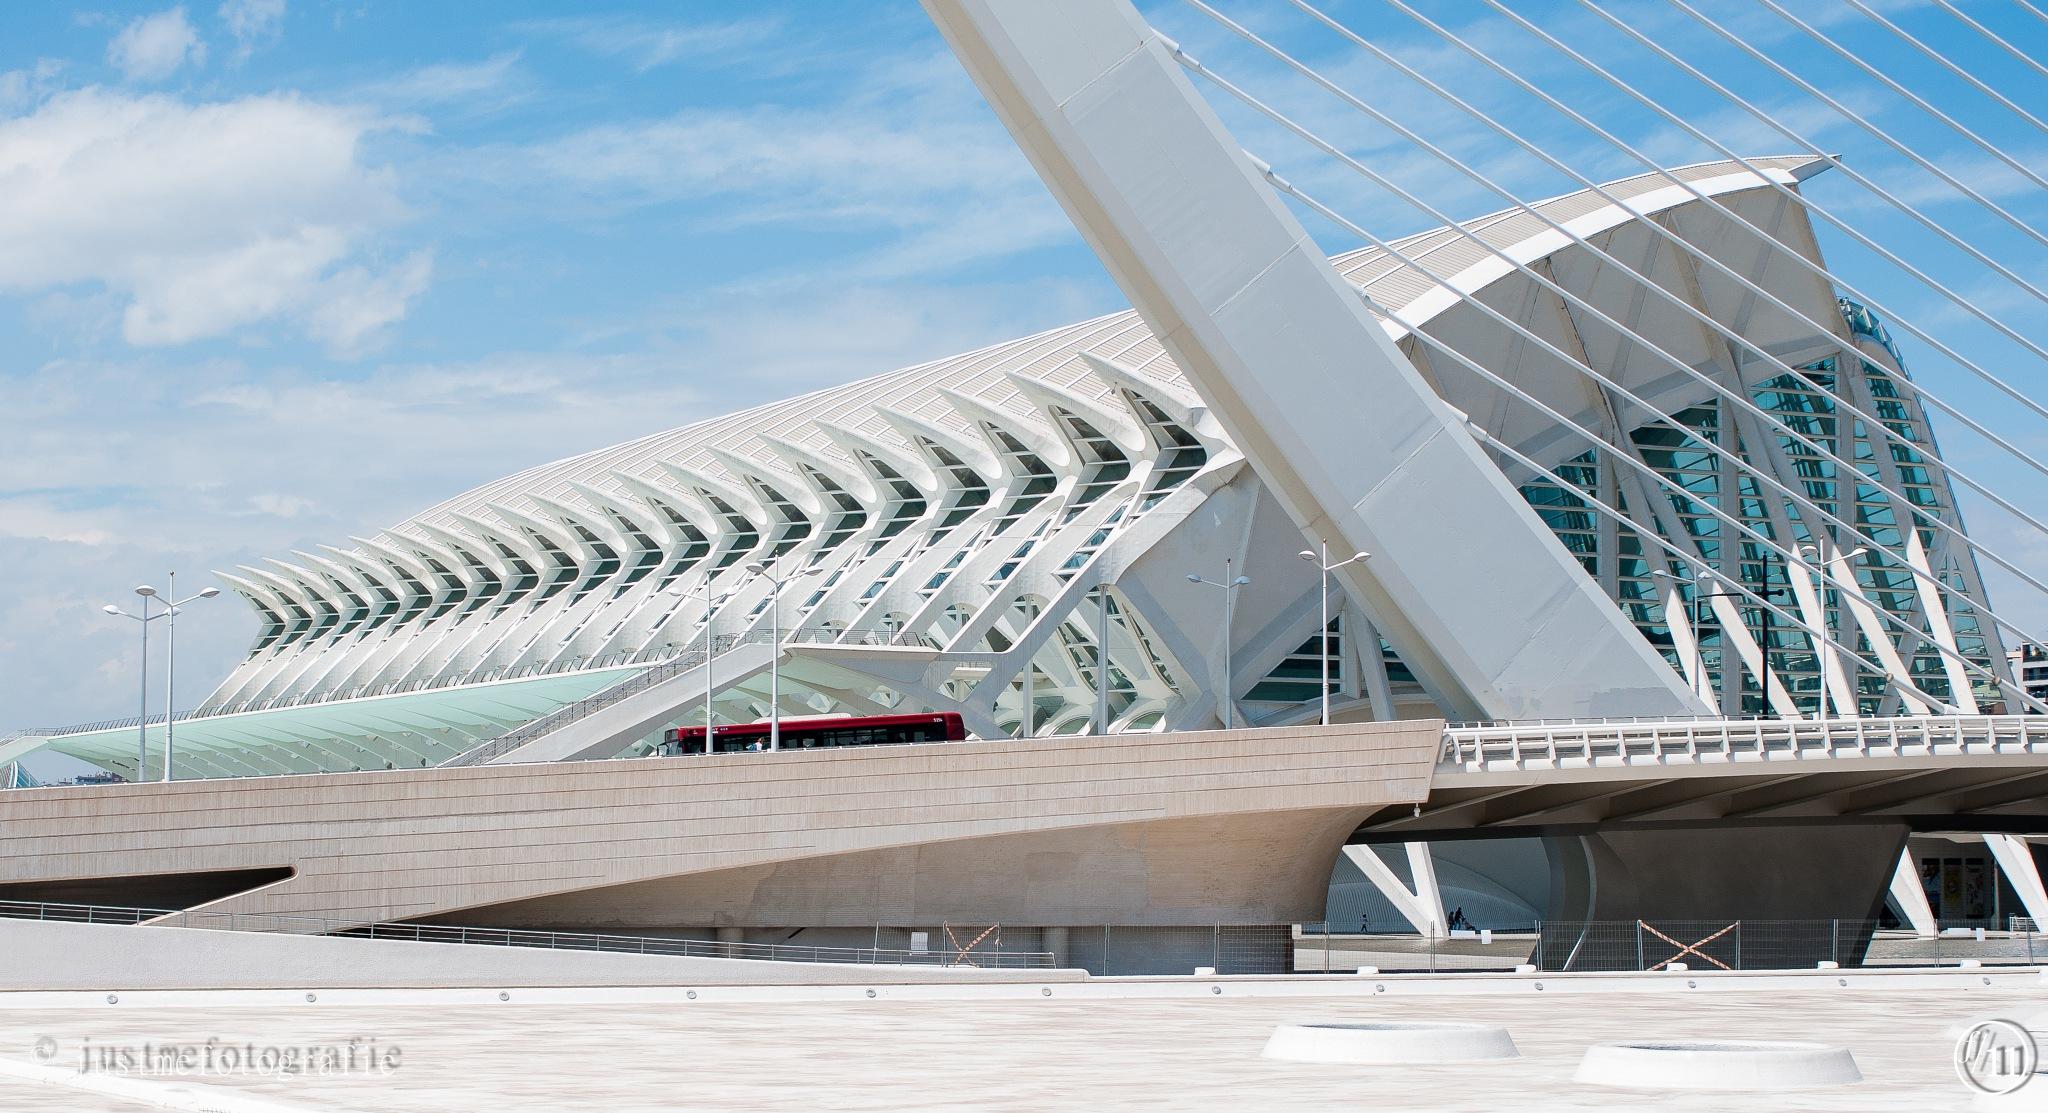 Valencia by erna vloebergh